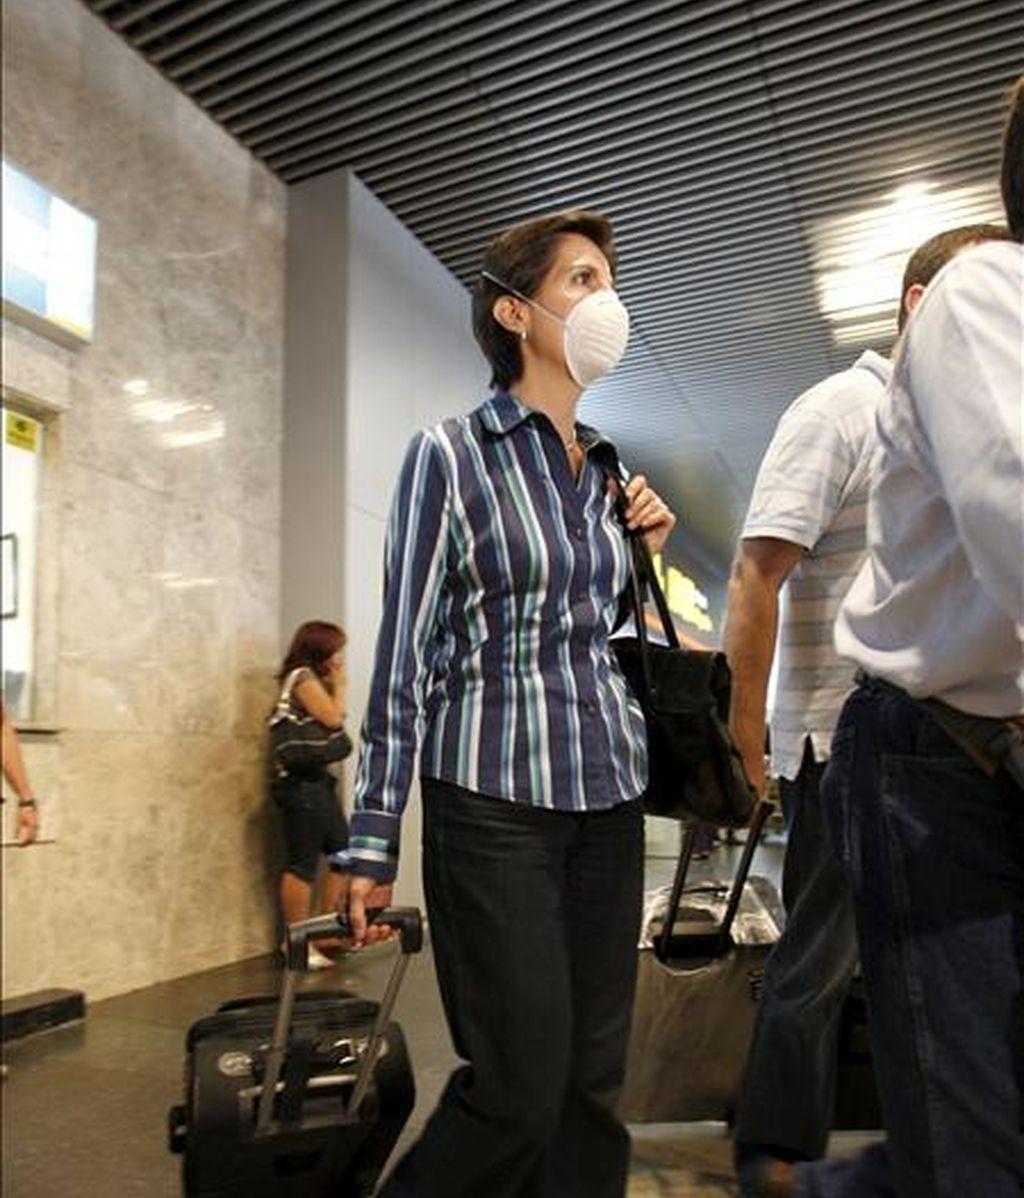 Los turistas españoles del crucero de Pullmantur, donde se detectaron varios casos de gripe A, han llegado a mediodía de hoy al aeropuerto de Madrid-Barajas, y han manifestado su malestar e indignación por lo sucedido, especialmente por la falta de información a la que, afirman, han estado sometidos. EFE